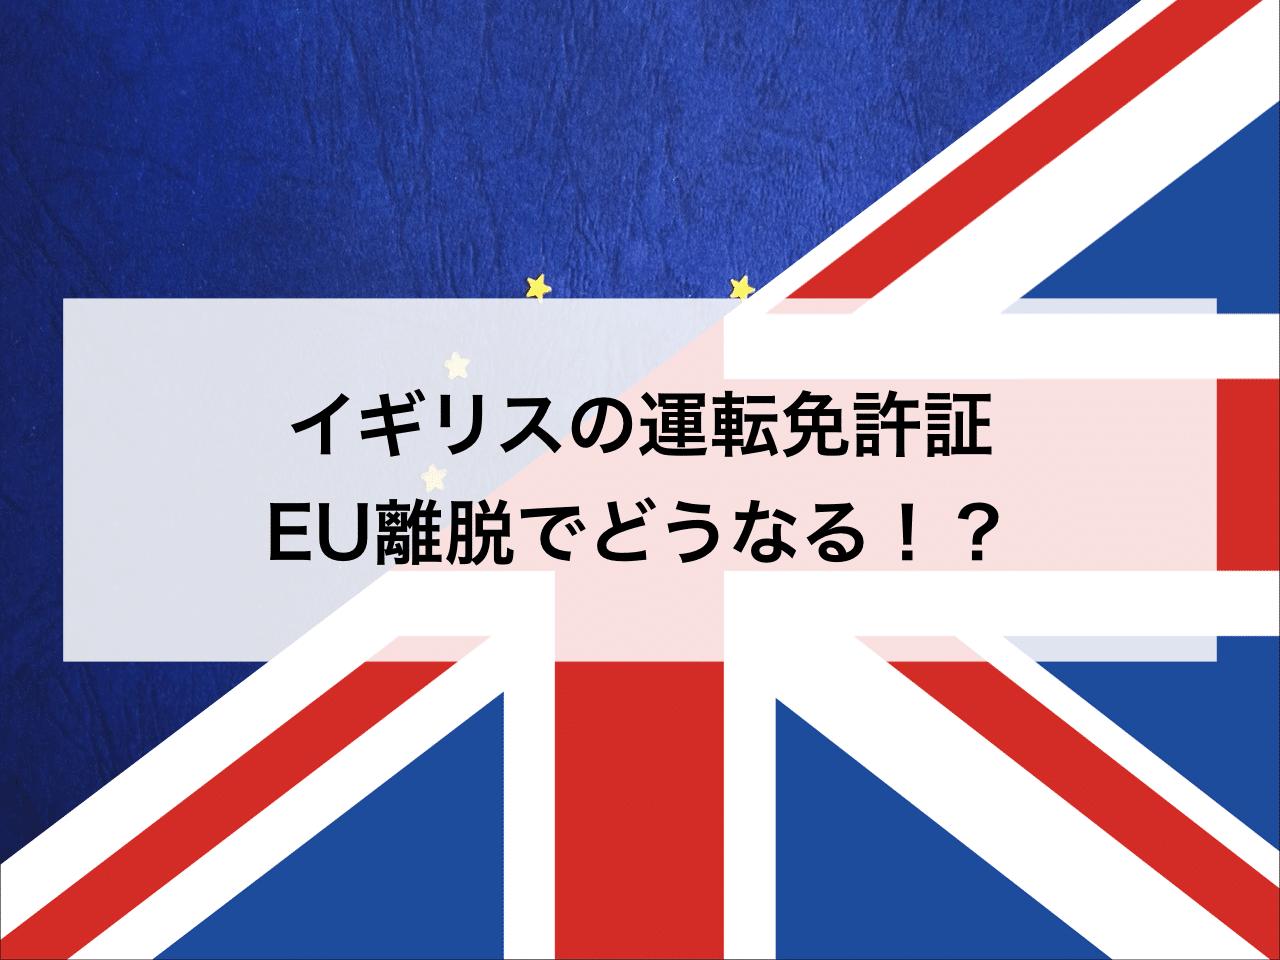 イギリスの運転免許証はEU離脱でどうなる!?